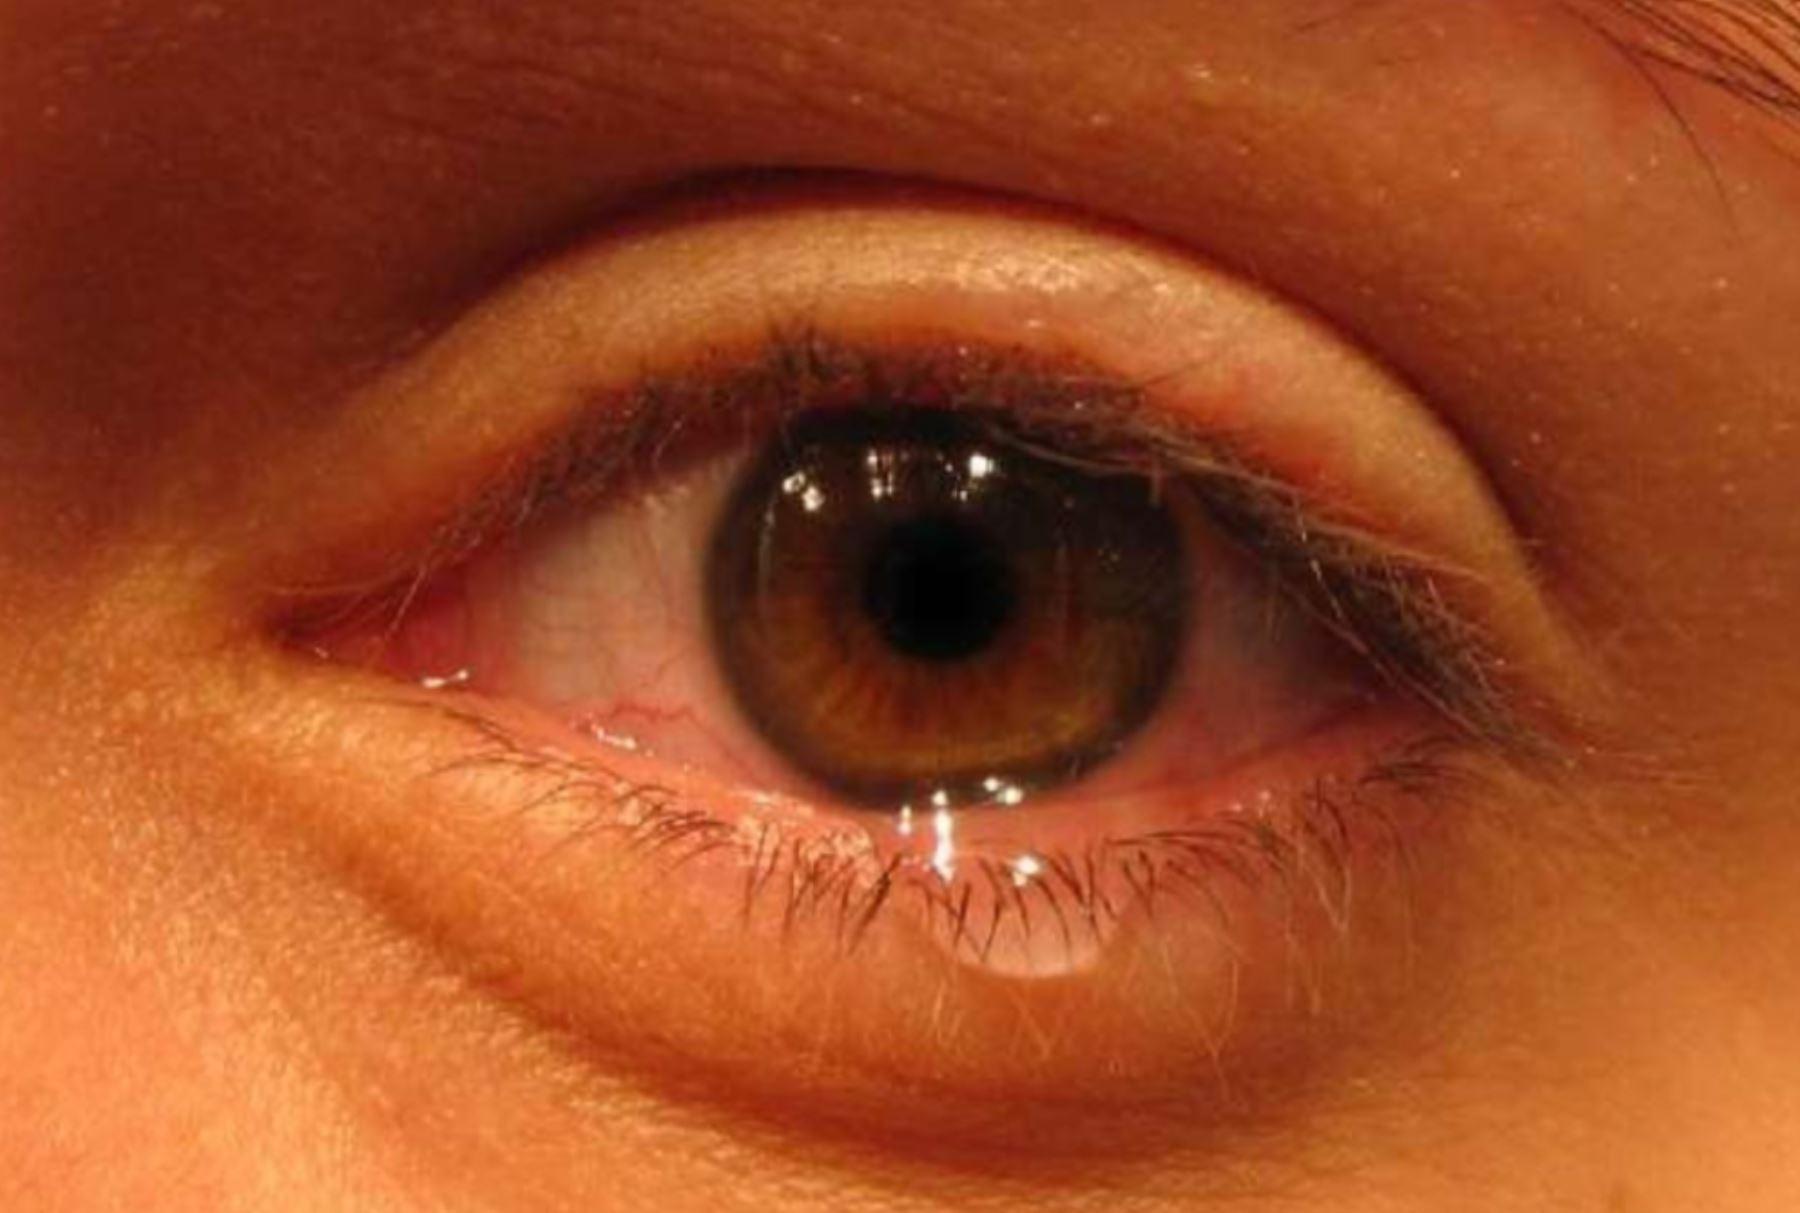 Alergia en los ojos